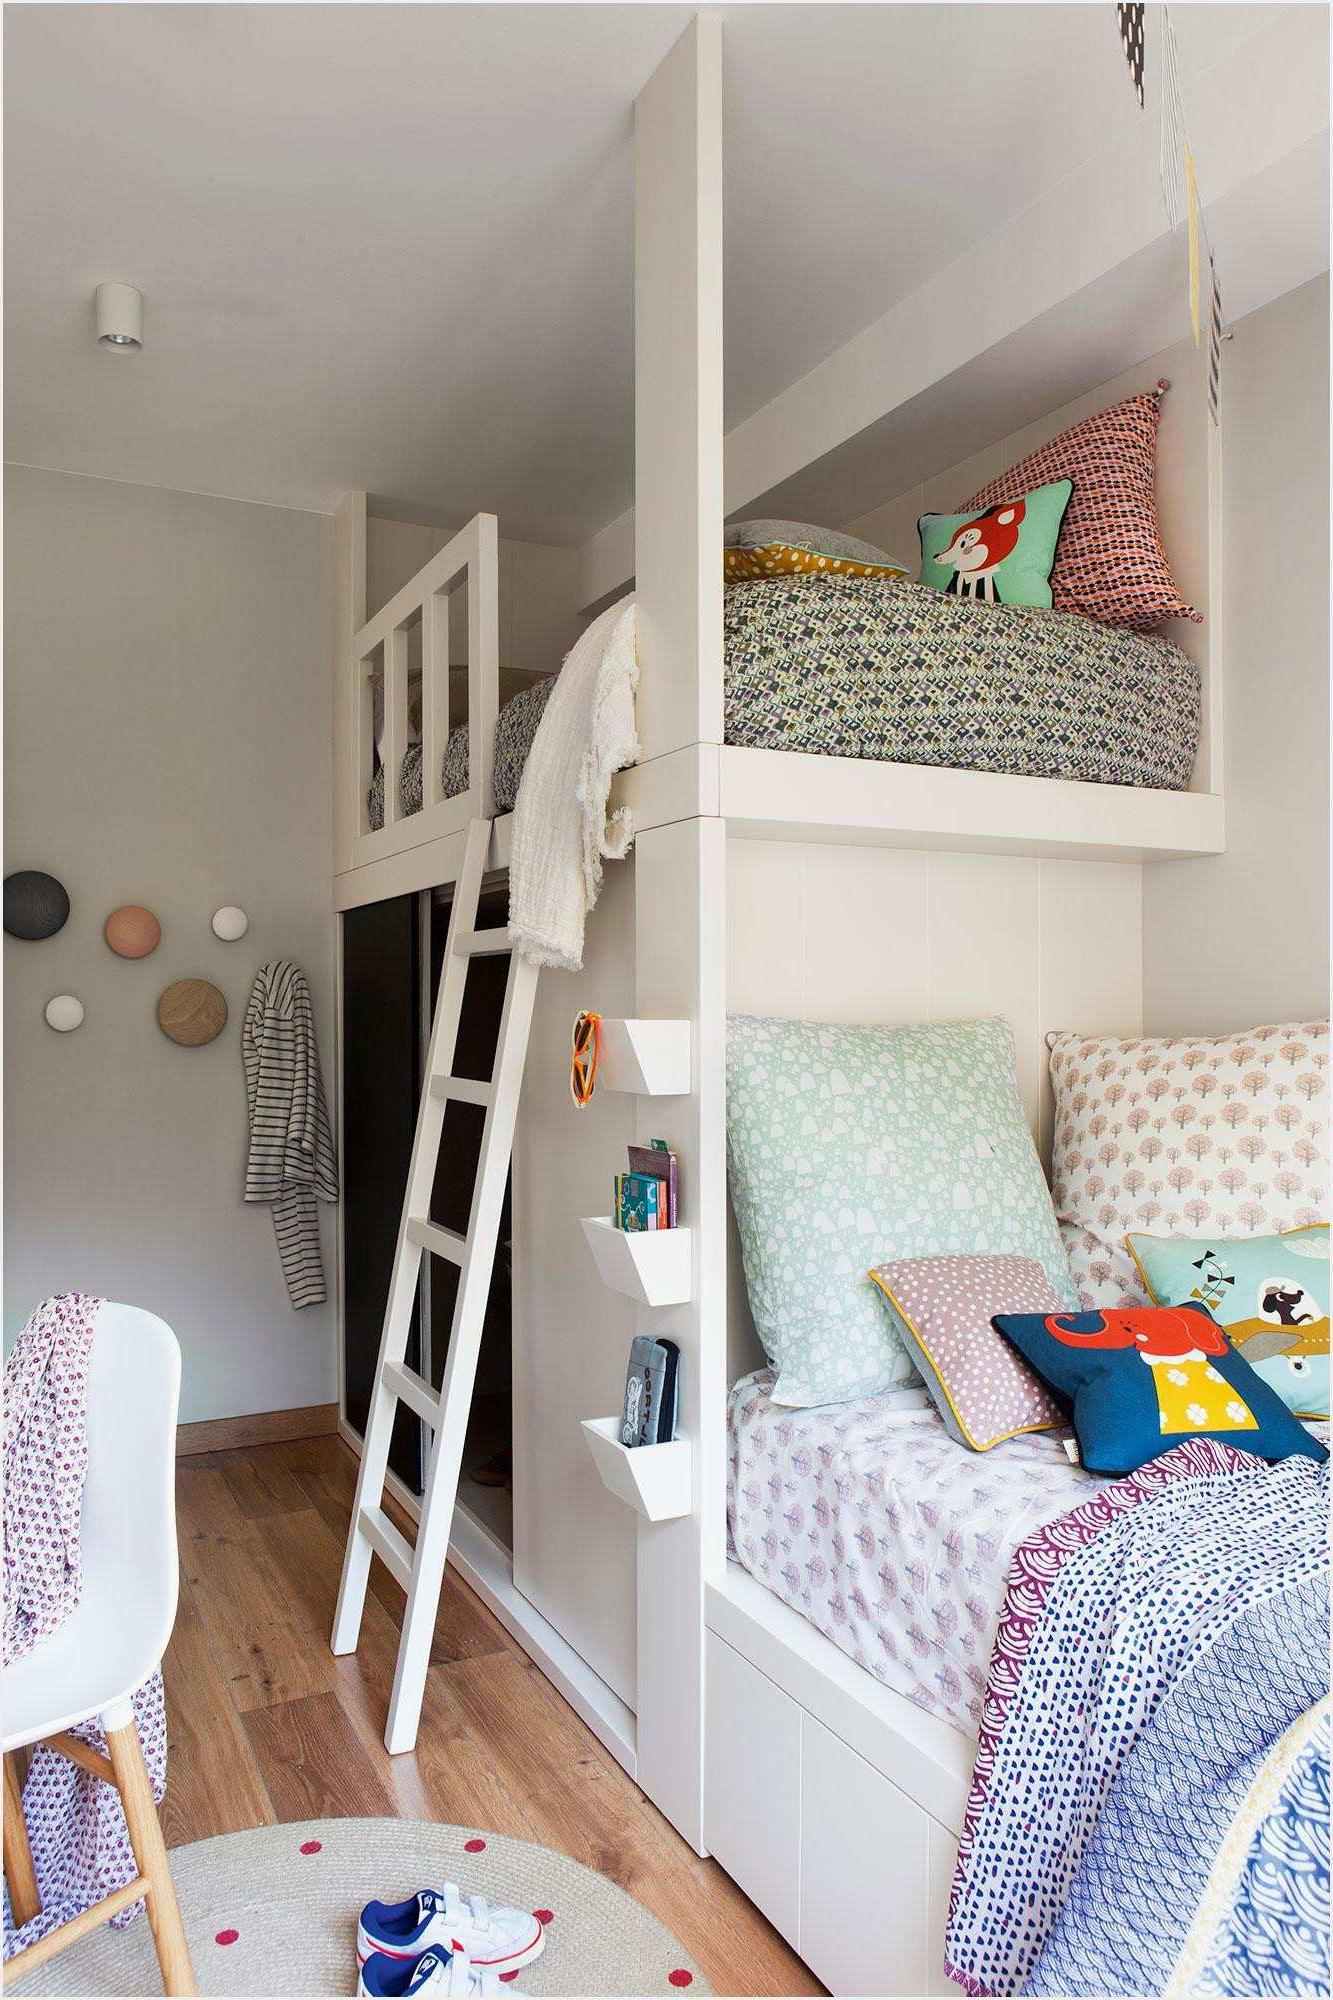 Armarios Para Dormitorios Pequeños Tqd3 Armarios Pequeà Os Bella Ideas Dormitorios PequeOs Ideas Dormitorios